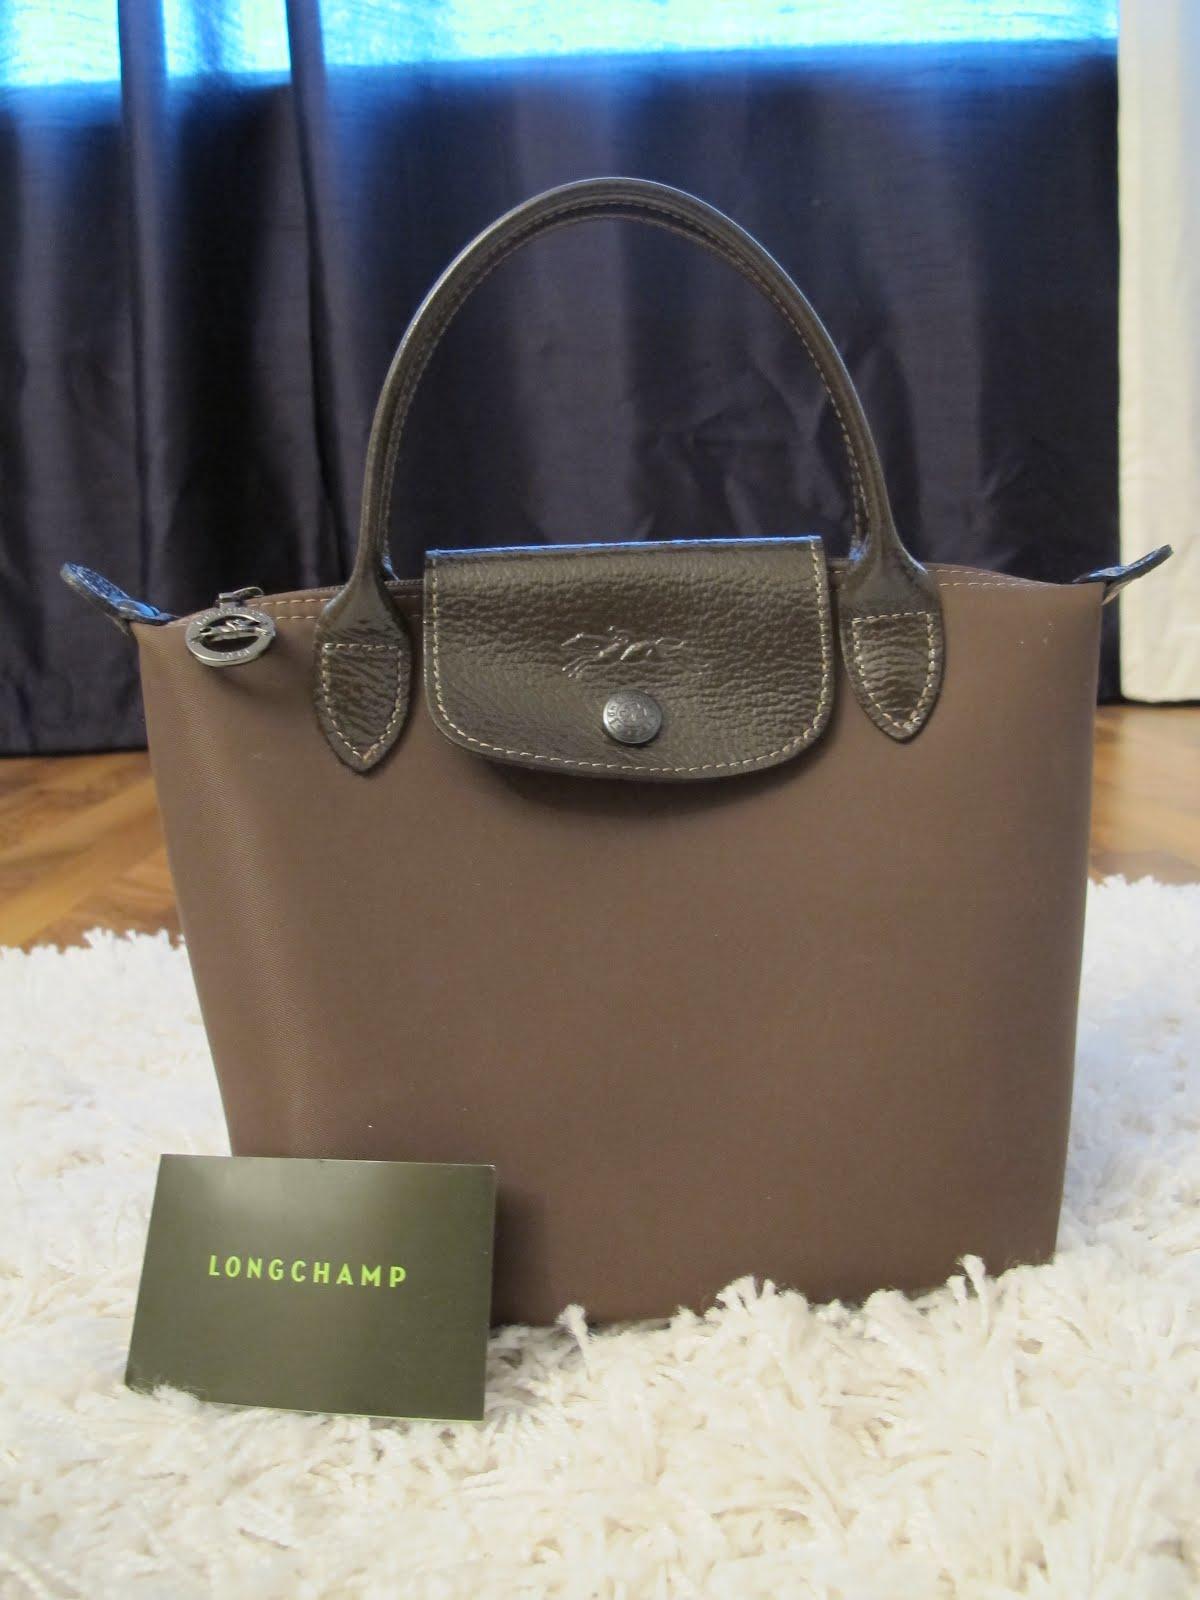 Longchamp Laukut Turku : Myynniss? longchamp vol ostolakossa